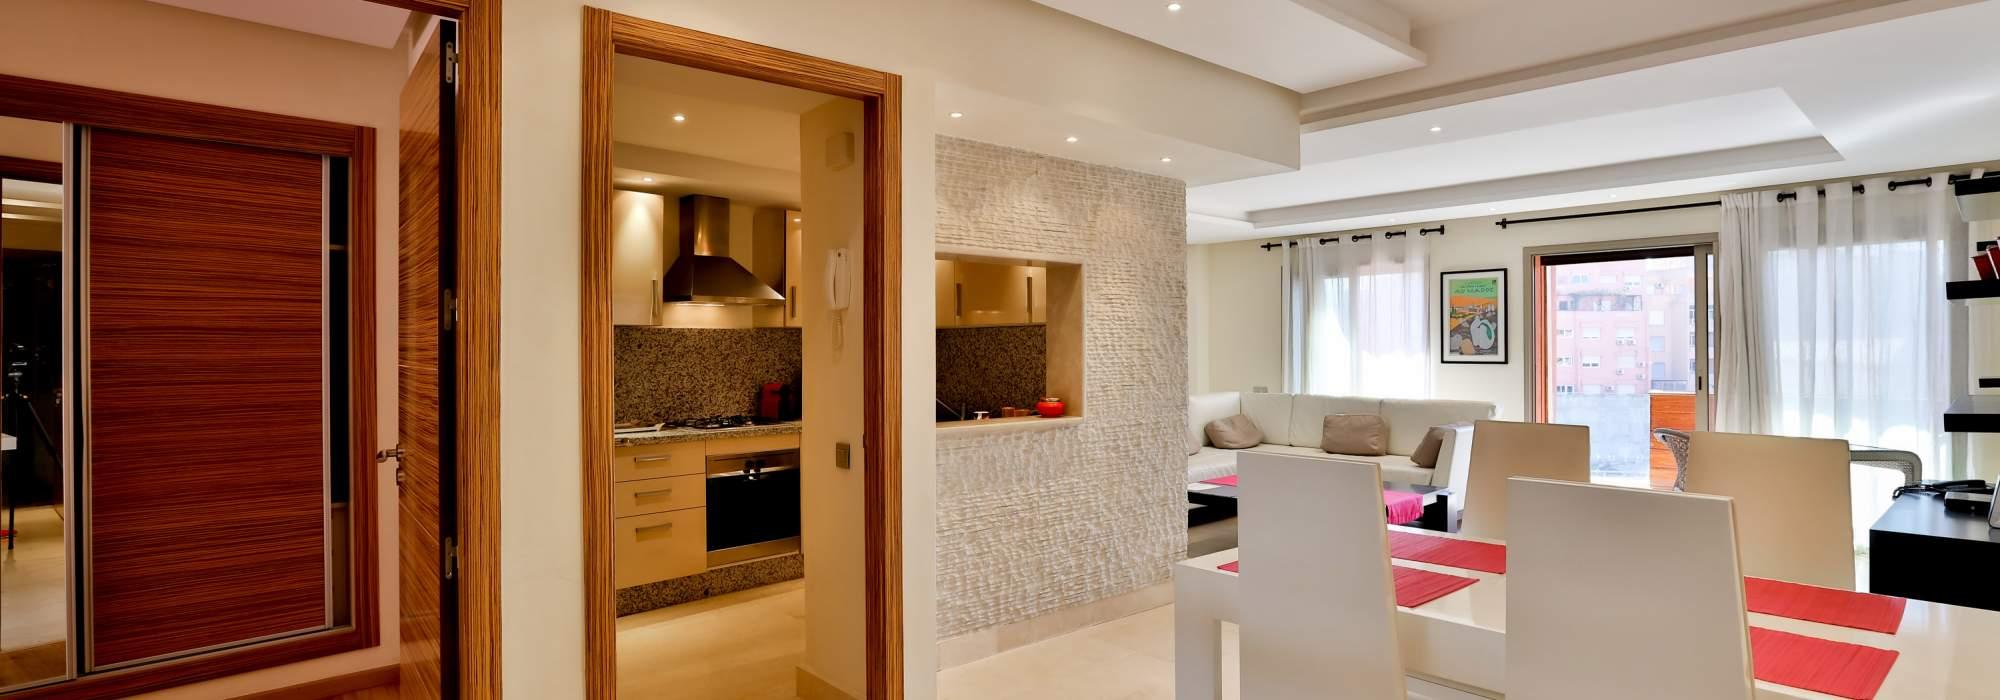 achat appartement contemporain centre ville marrakech